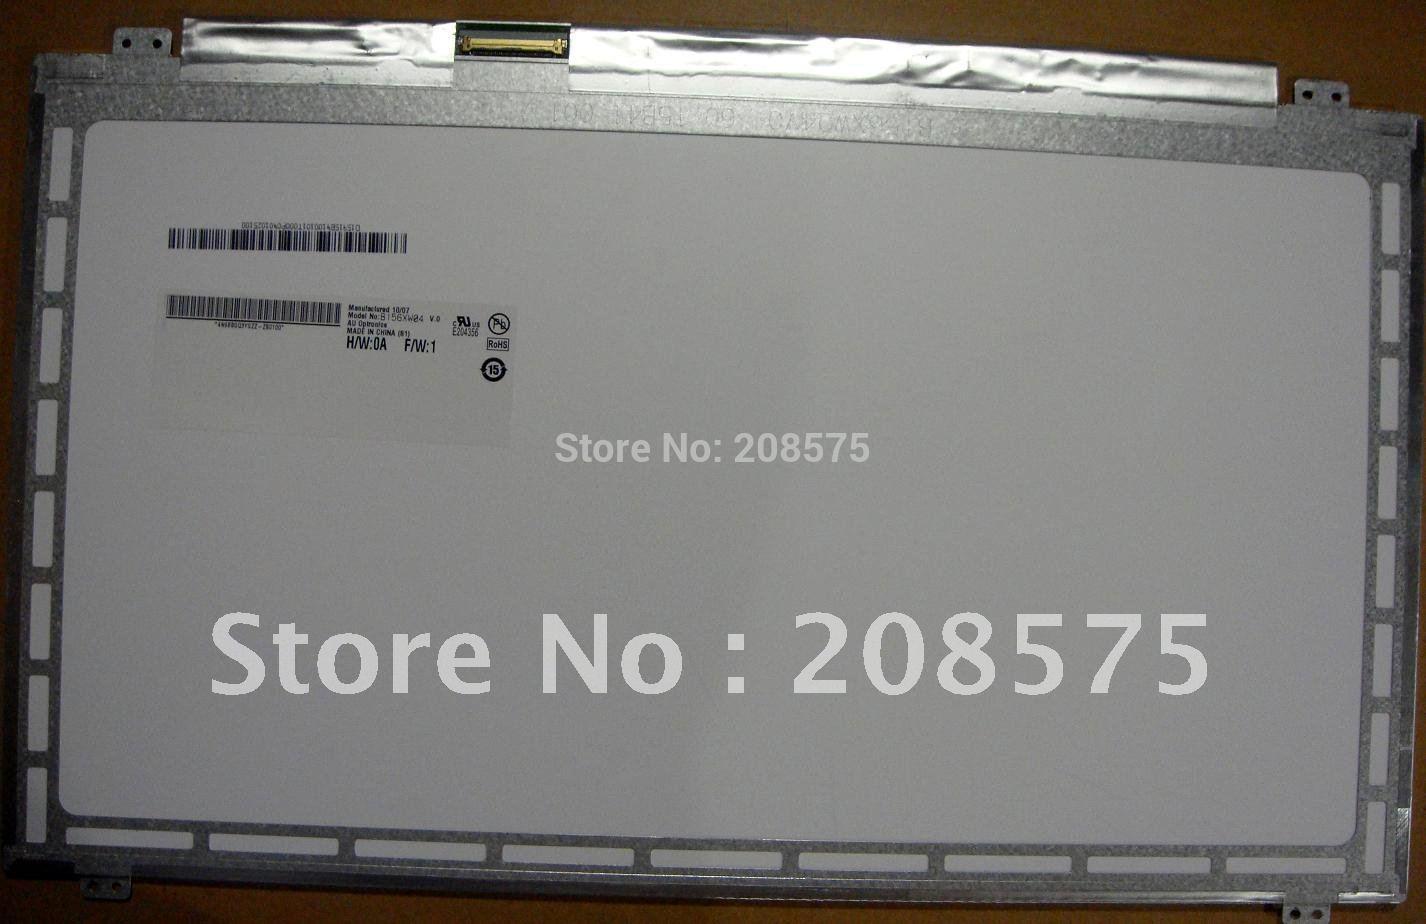 Free shipping B156XW04 V.0 V.6 V.5 LP156WH3 B156XW03 N156BGE-L41 N156B6-L0D LTN156AT20 LTN156AT30 NEW LED Display Laptop Screen(China (Mainland))